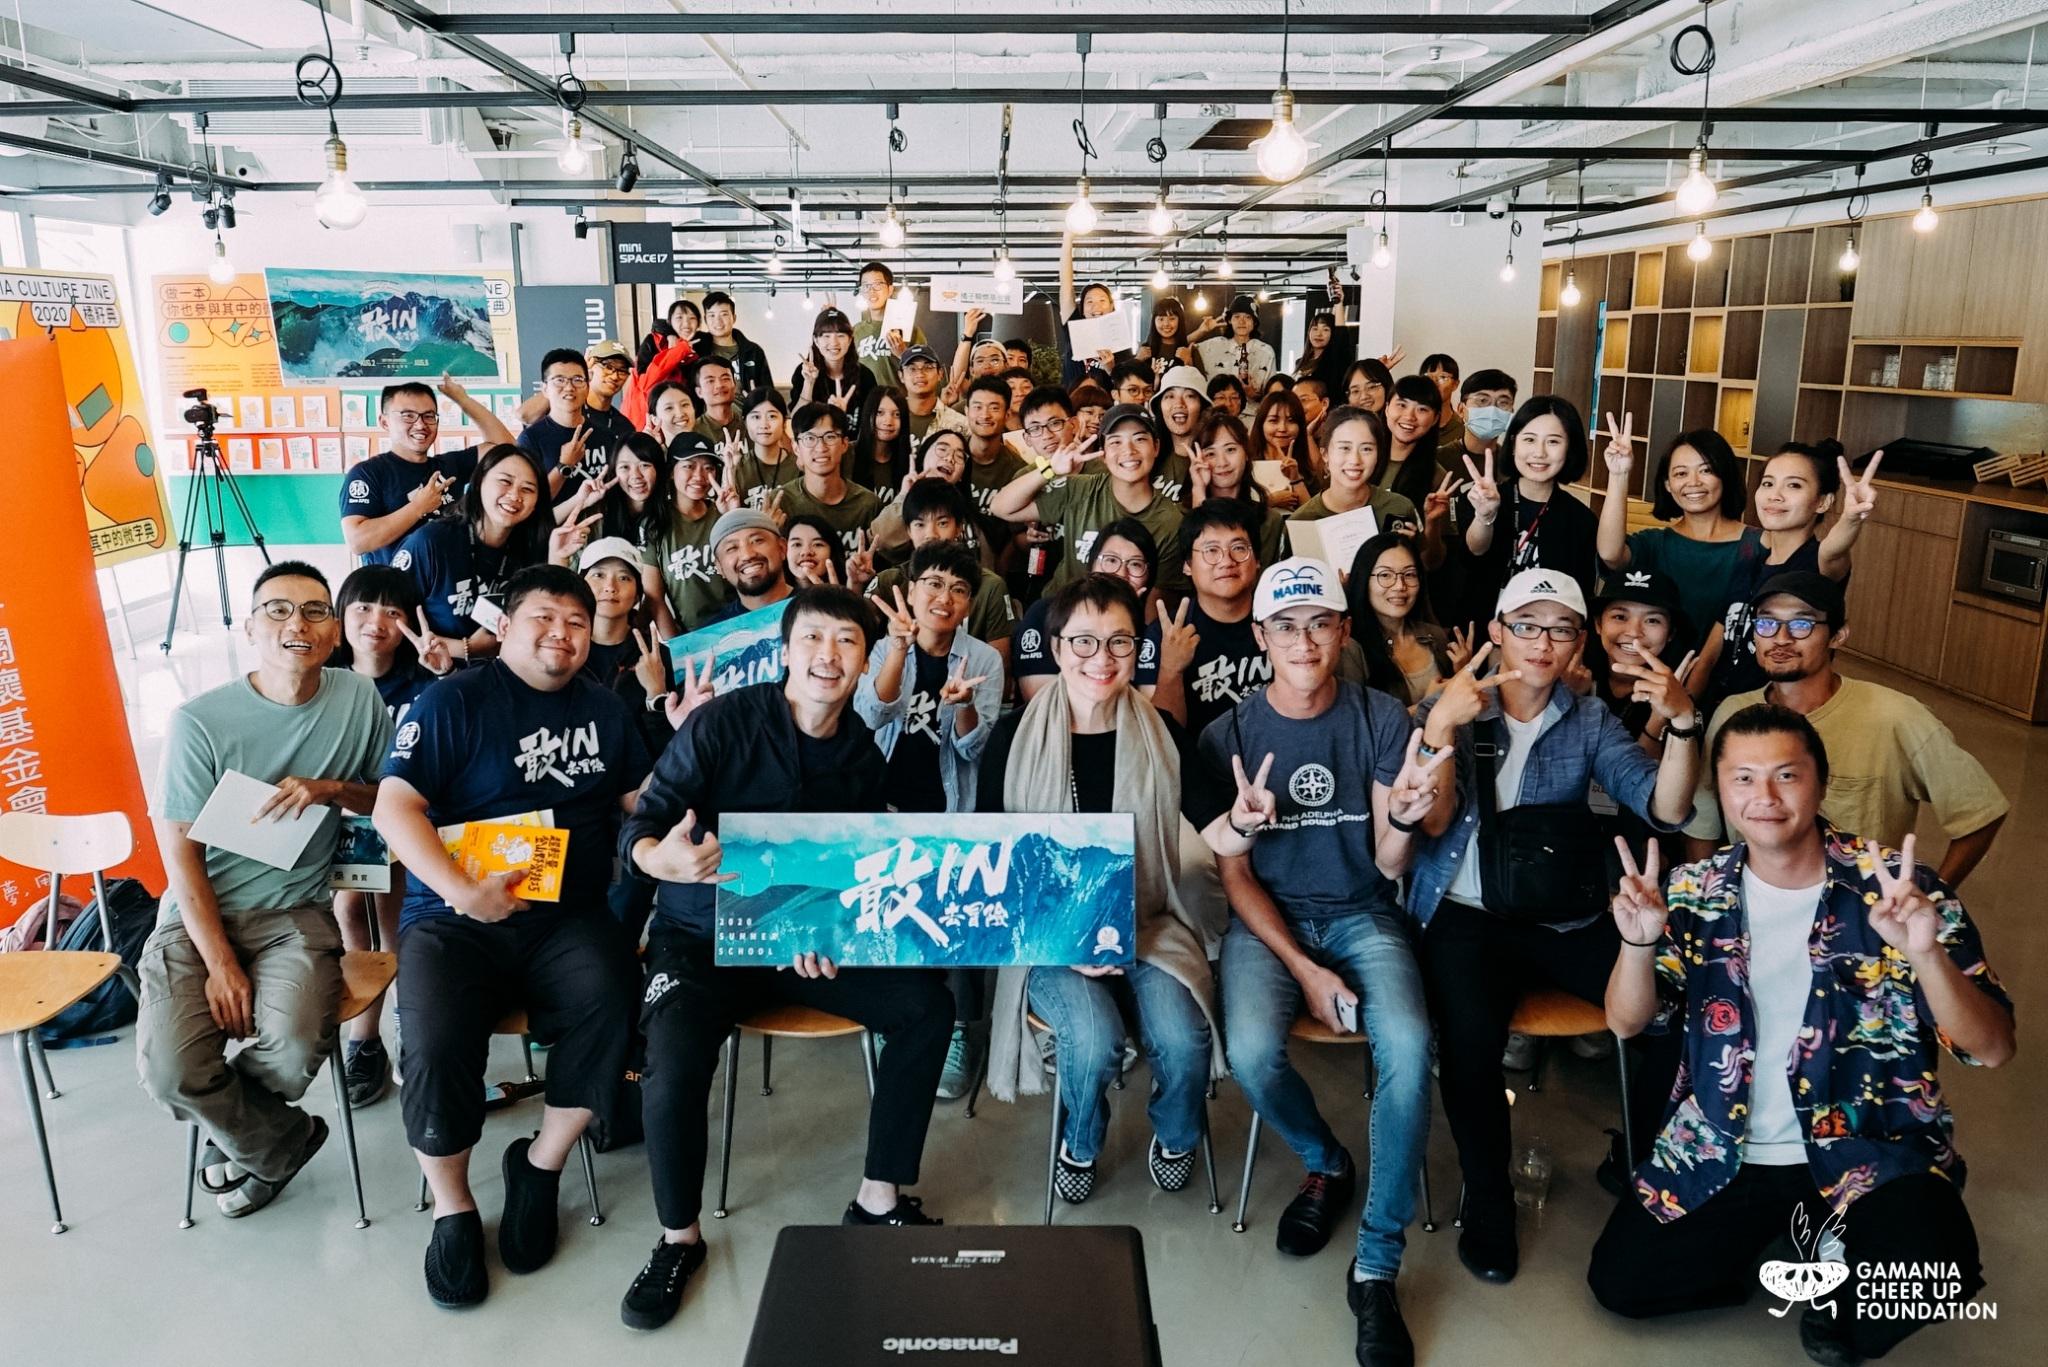 橘子關懷基金會「敢IN去冒險」 「2020 Summer School夏日學園」和台灣青年「一起向山致敬」